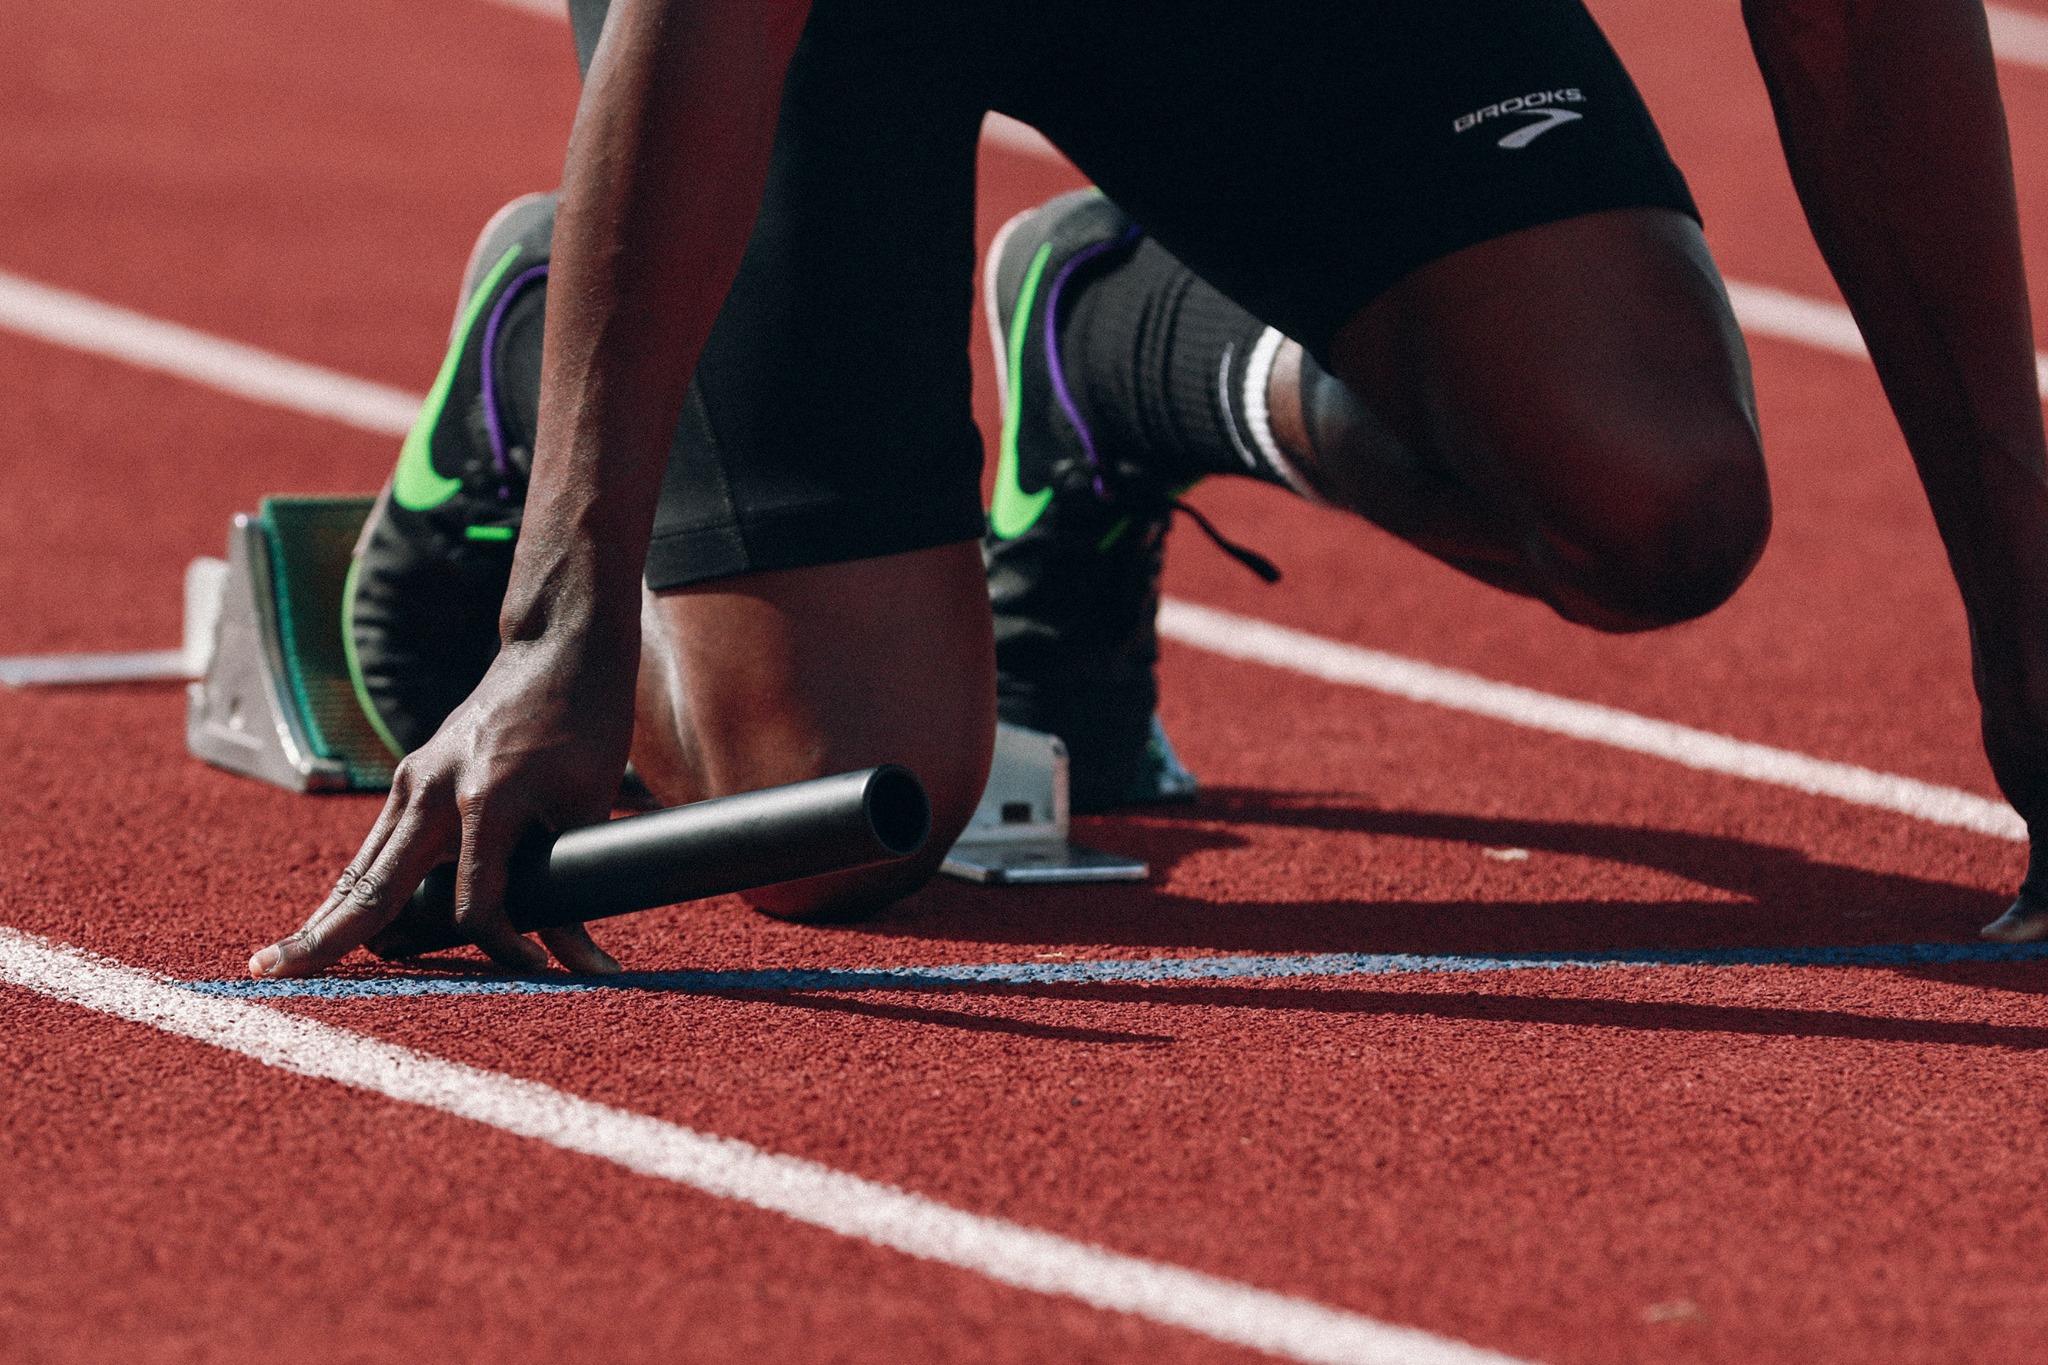 Pdte. Nelson: Eliminen la contención en sus vidas al aceptar los ideales olímpicos de excelencia, amistad y respeto